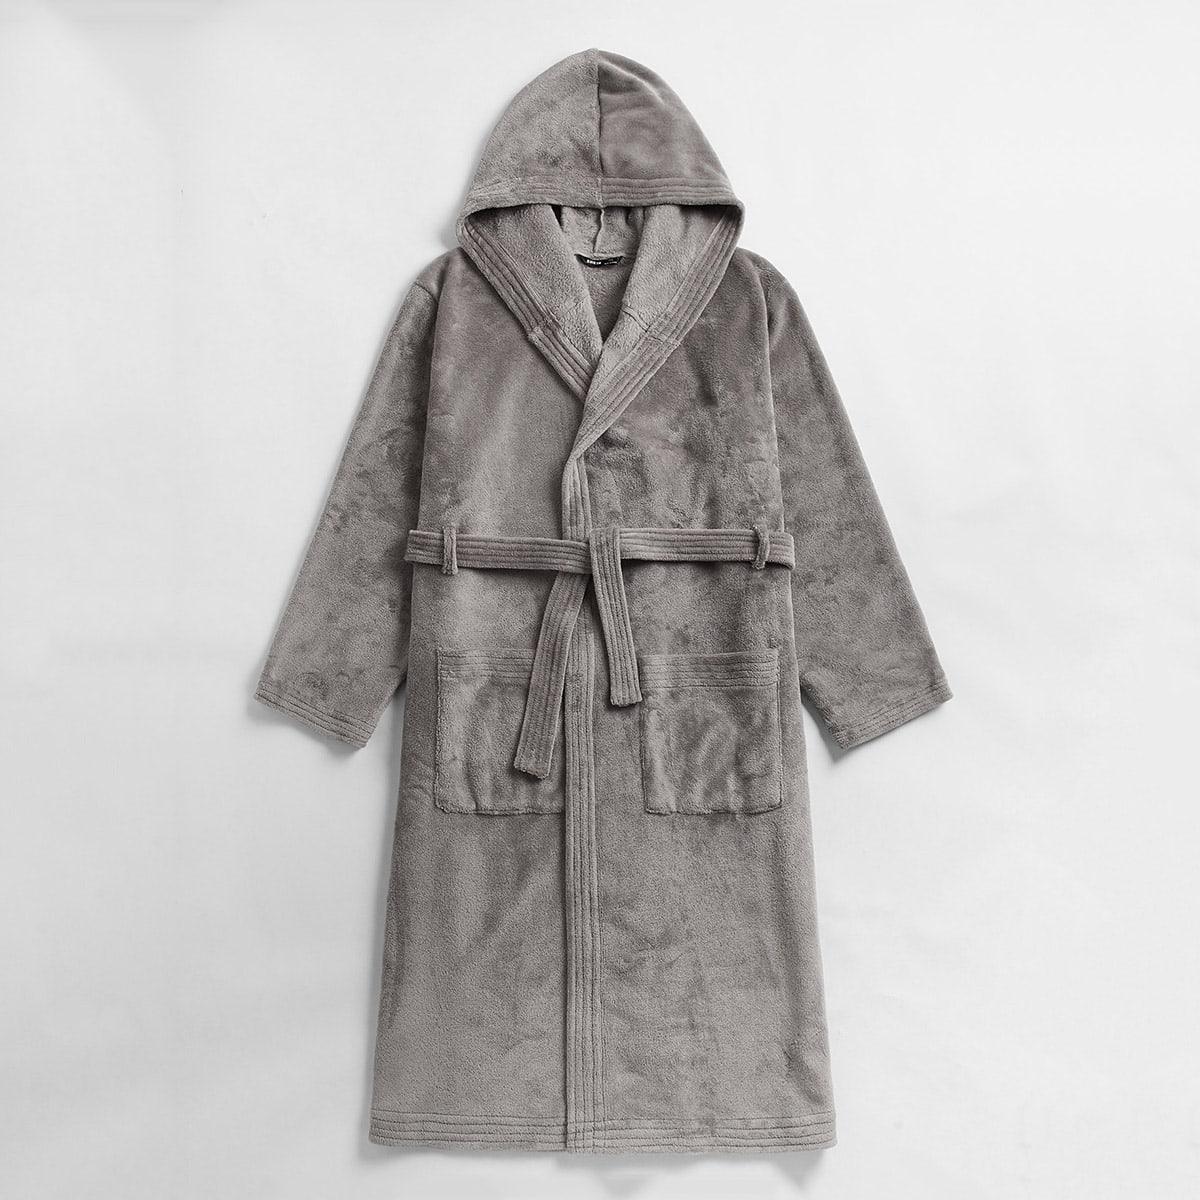 Мужской фланелевый халат с поясом и карманом